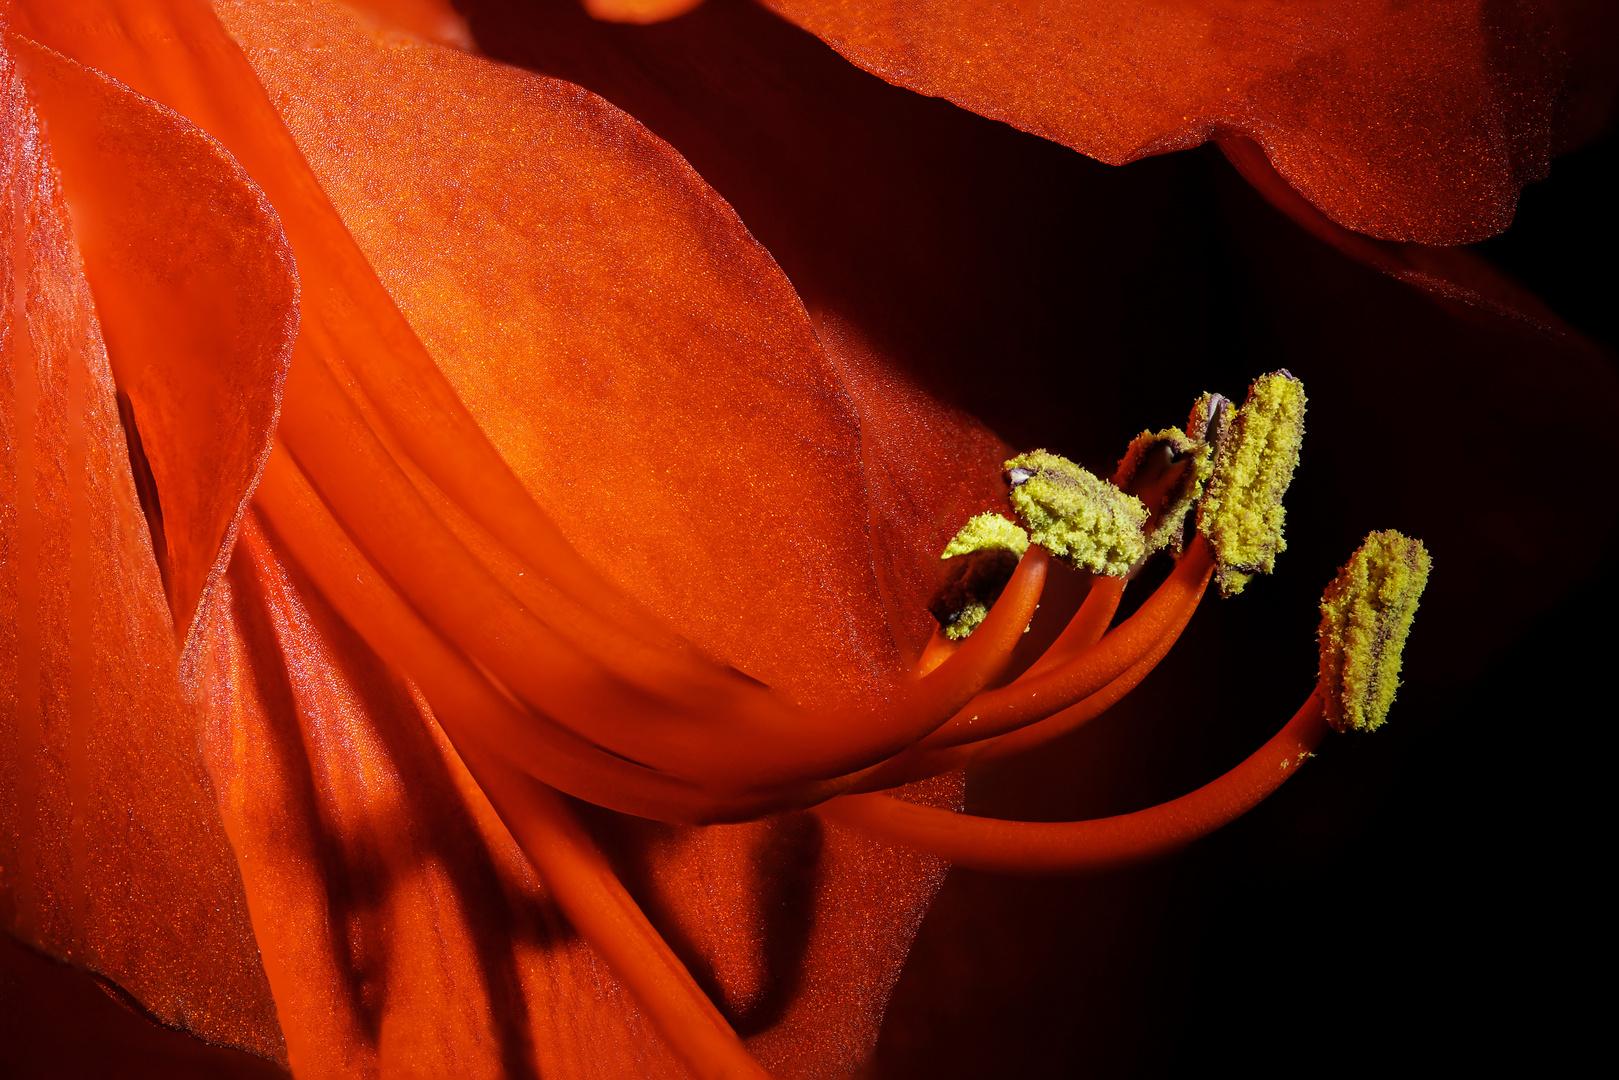 Amaryllisblüte von der Seite